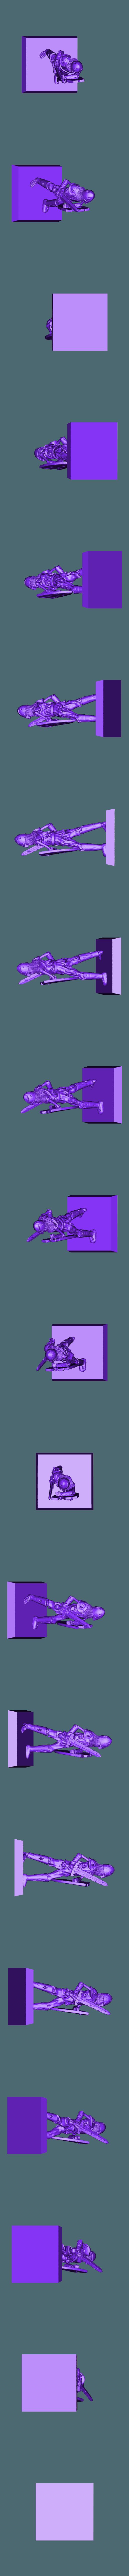 skeleton_warrior_square_base.stl Télécharger fichier STL gratuit Guerrier squelette miniature • Objet à imprimer en 3D, Ilhadiel